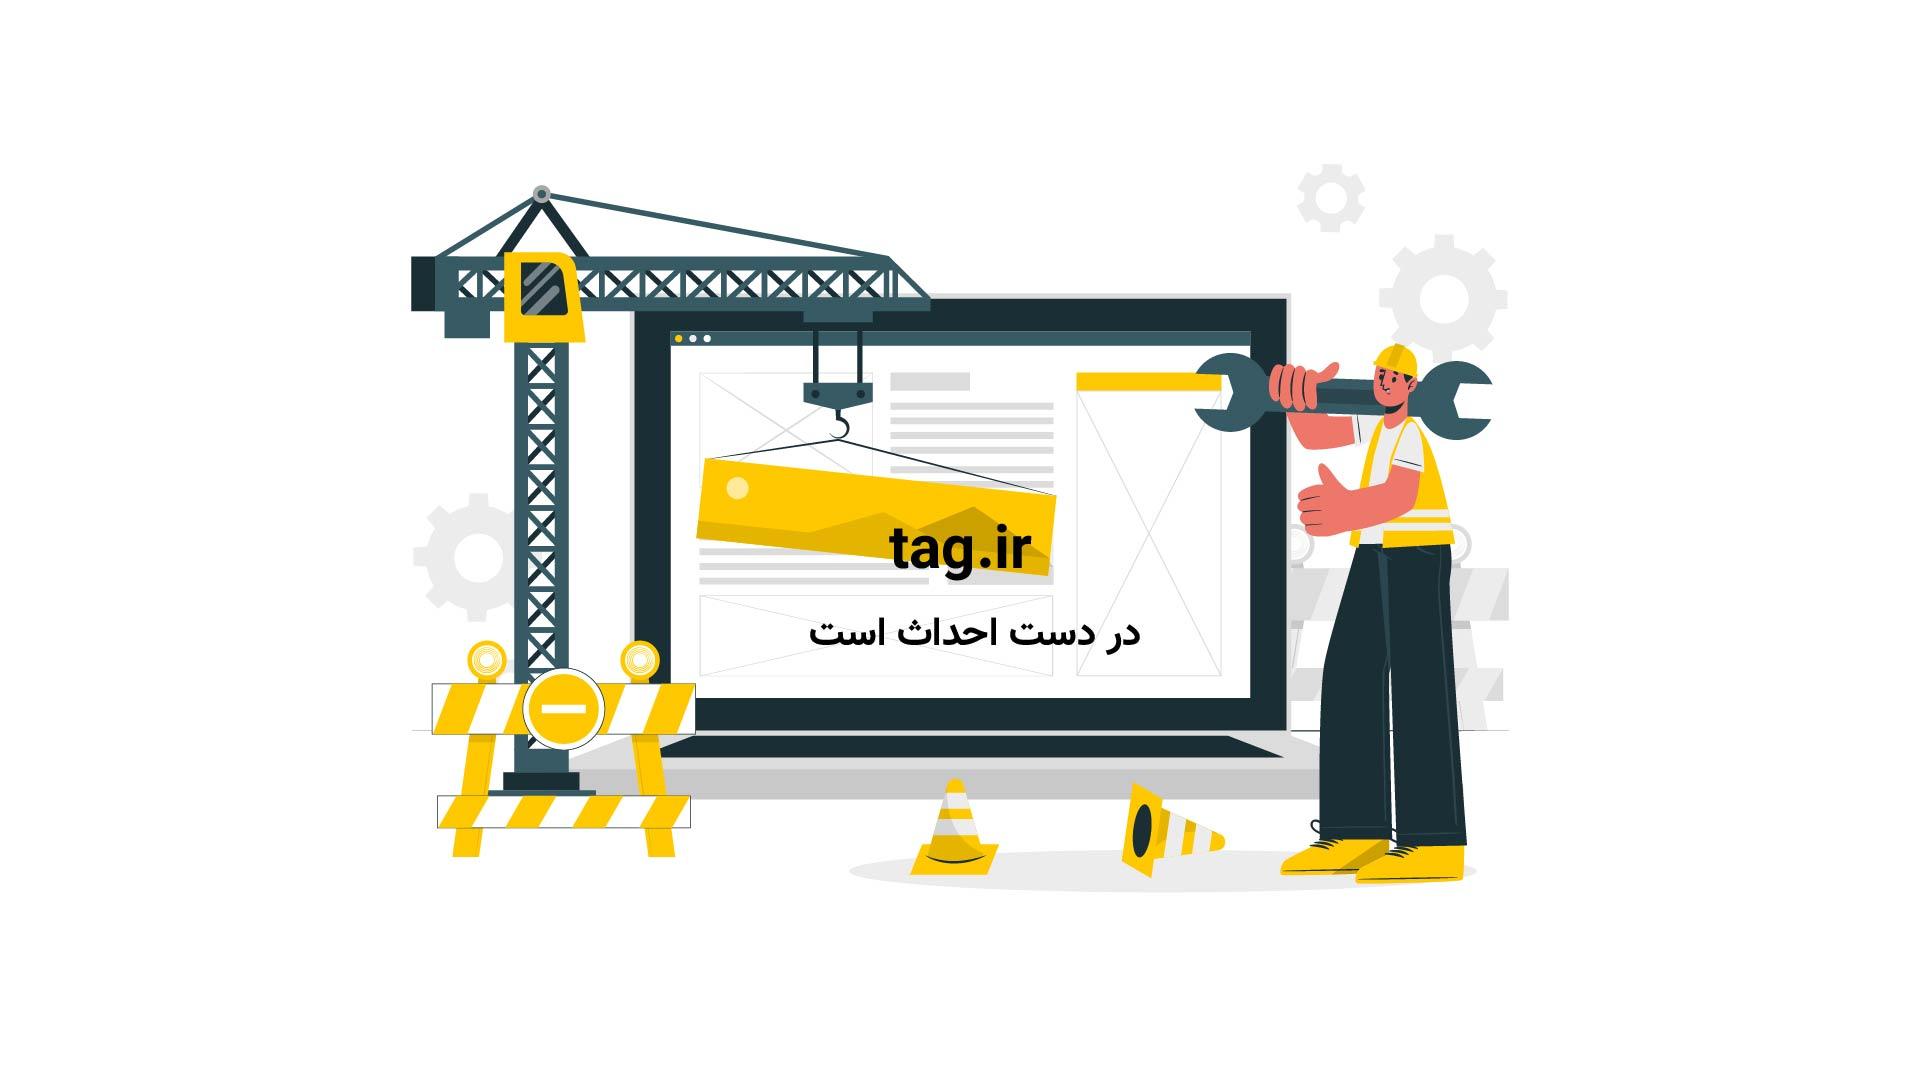 برج خنک کننده نیروگاه هسته ای شهر بازی شد | فیلم